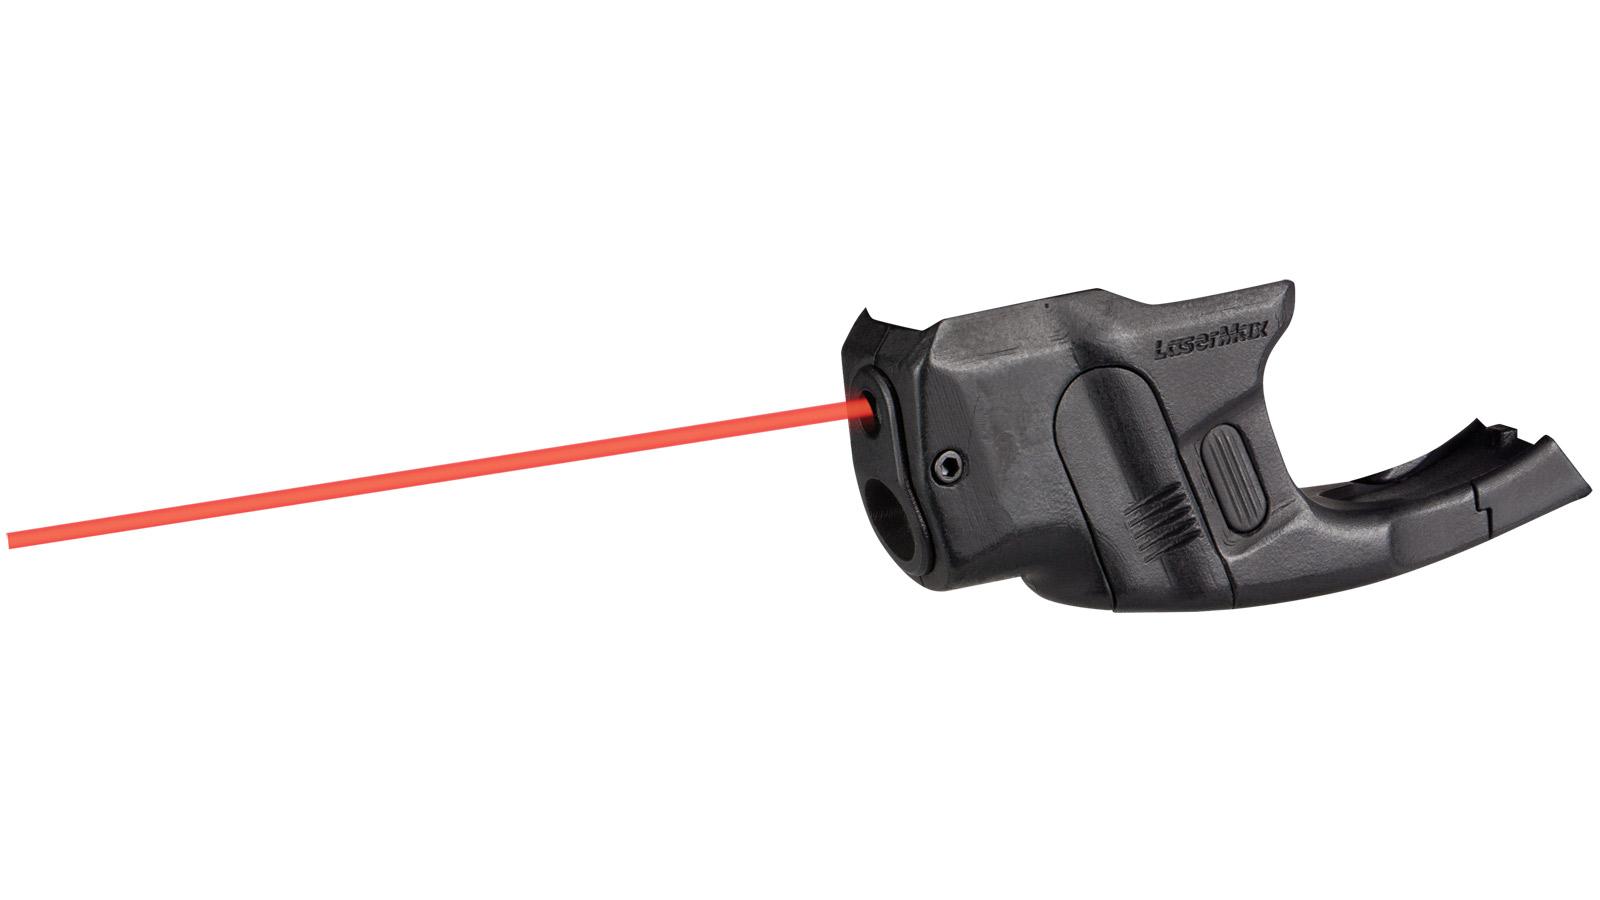 LaserMax CFG4243CG Centerfire Laser Light Combo Green Laser Glock 42 43 Under Barrel